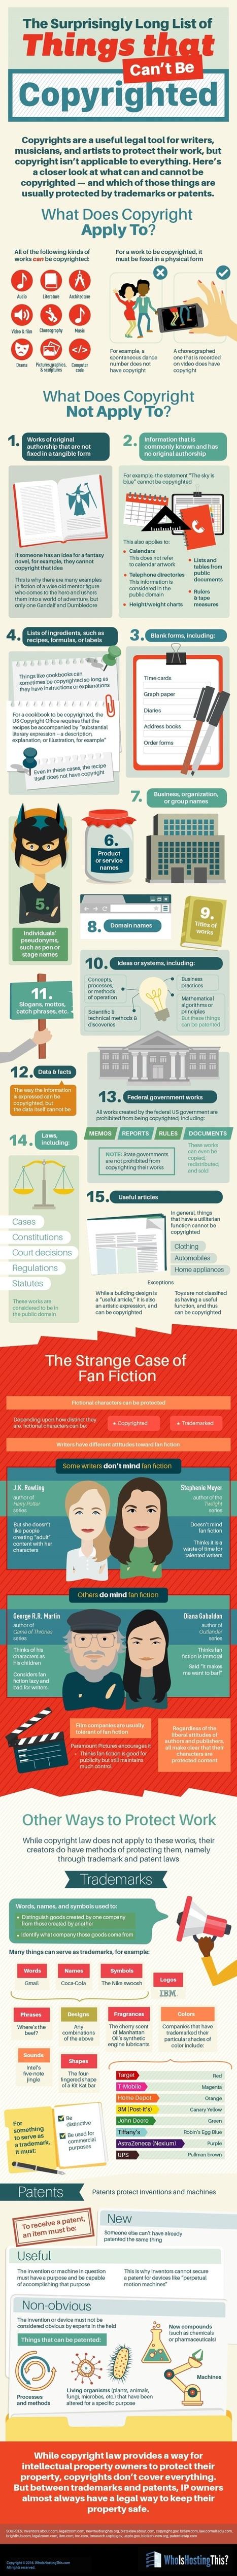 La sorprendente lista de cosas que no pueden tener copyright #infografia #infographic | Educacion, ecologia y TIC | Scoop.it